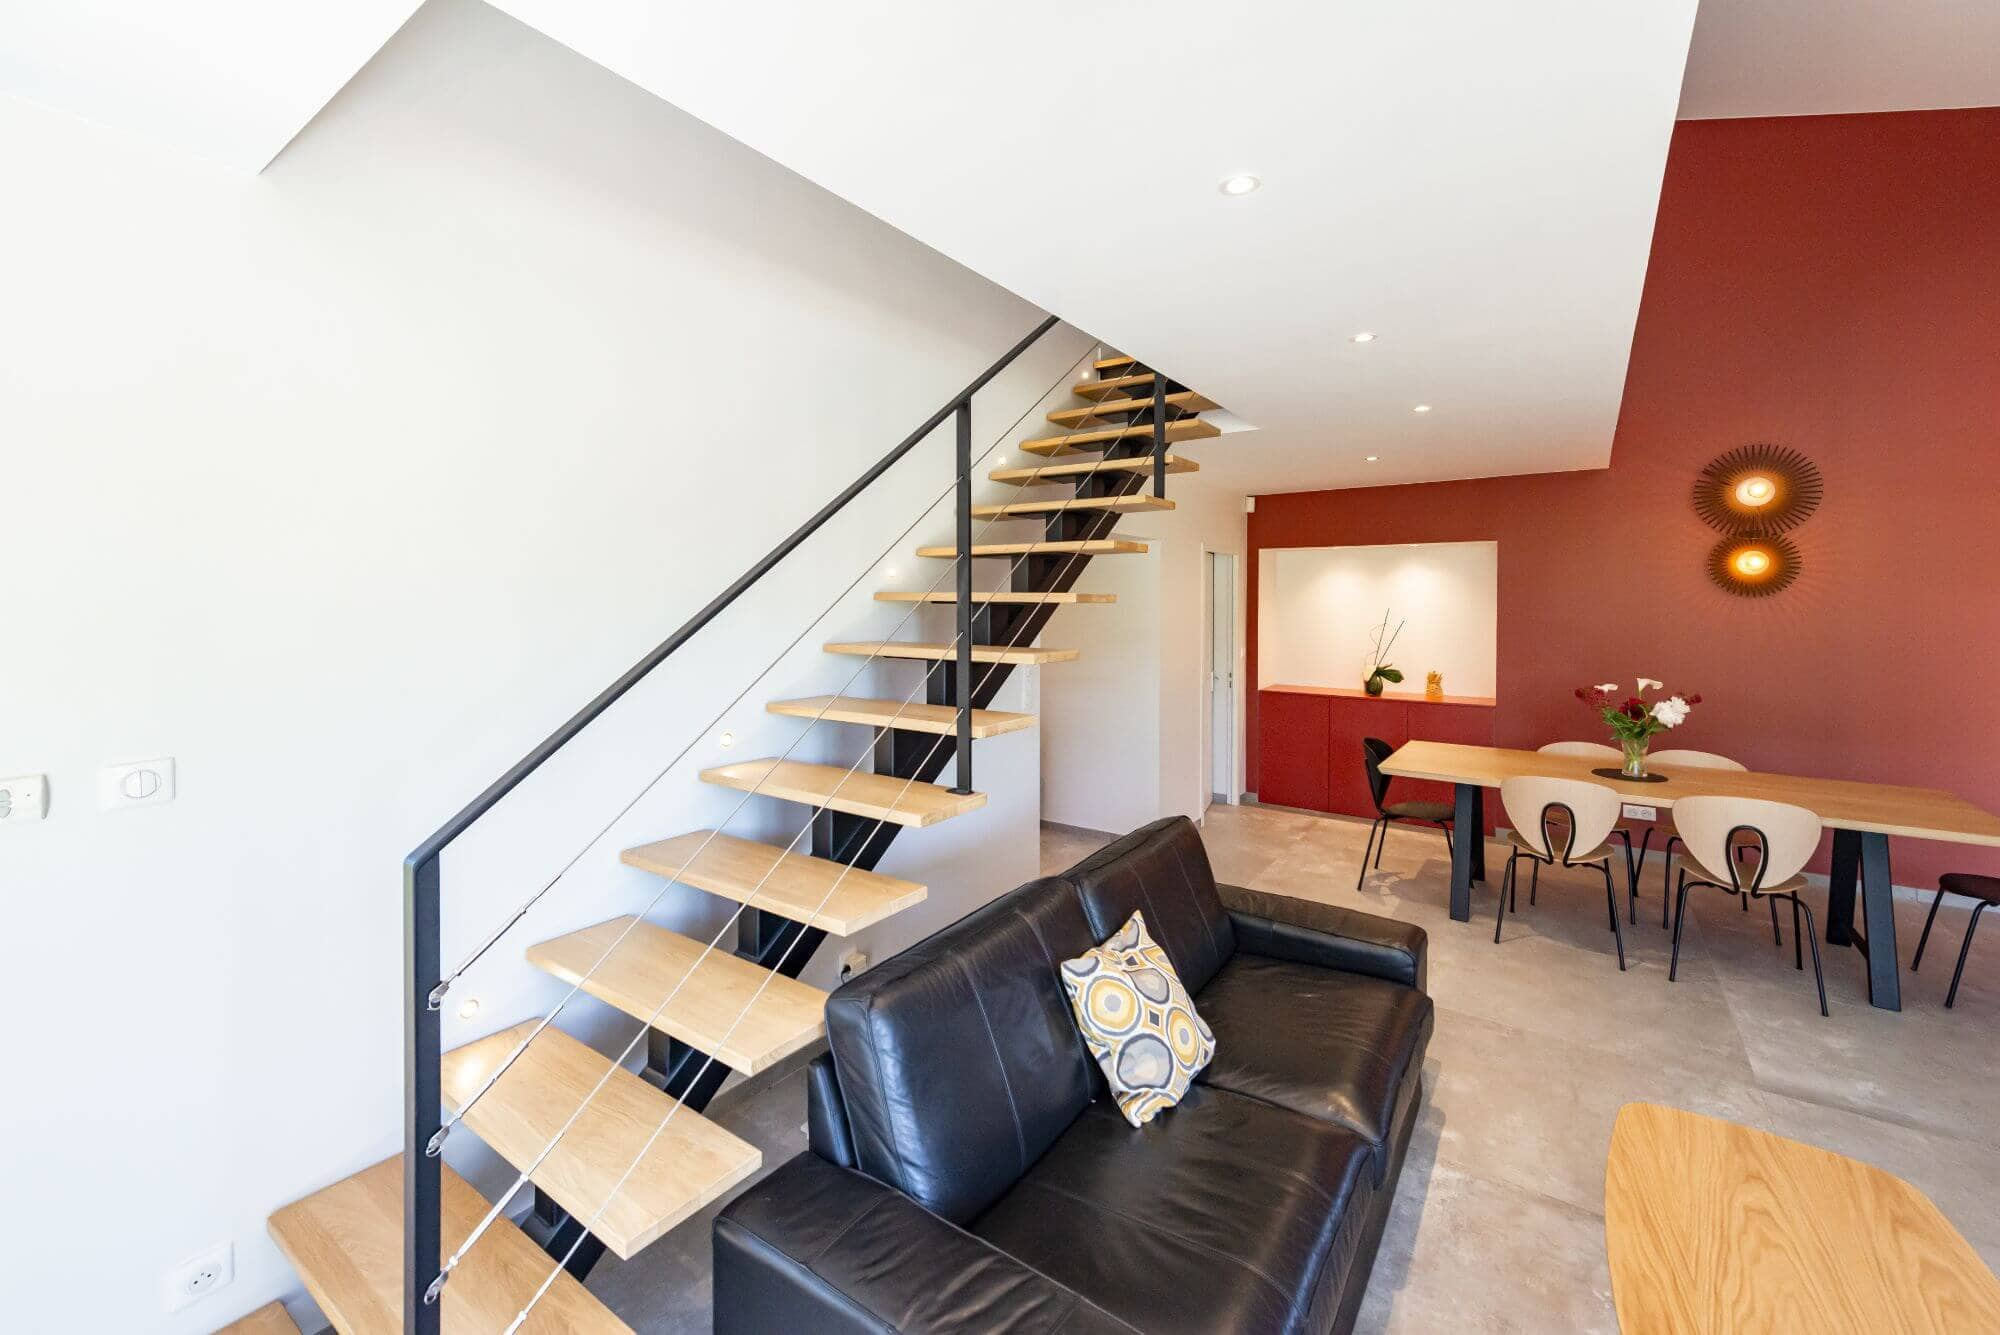 Espace vie, Escalier, Cuisine, Salon